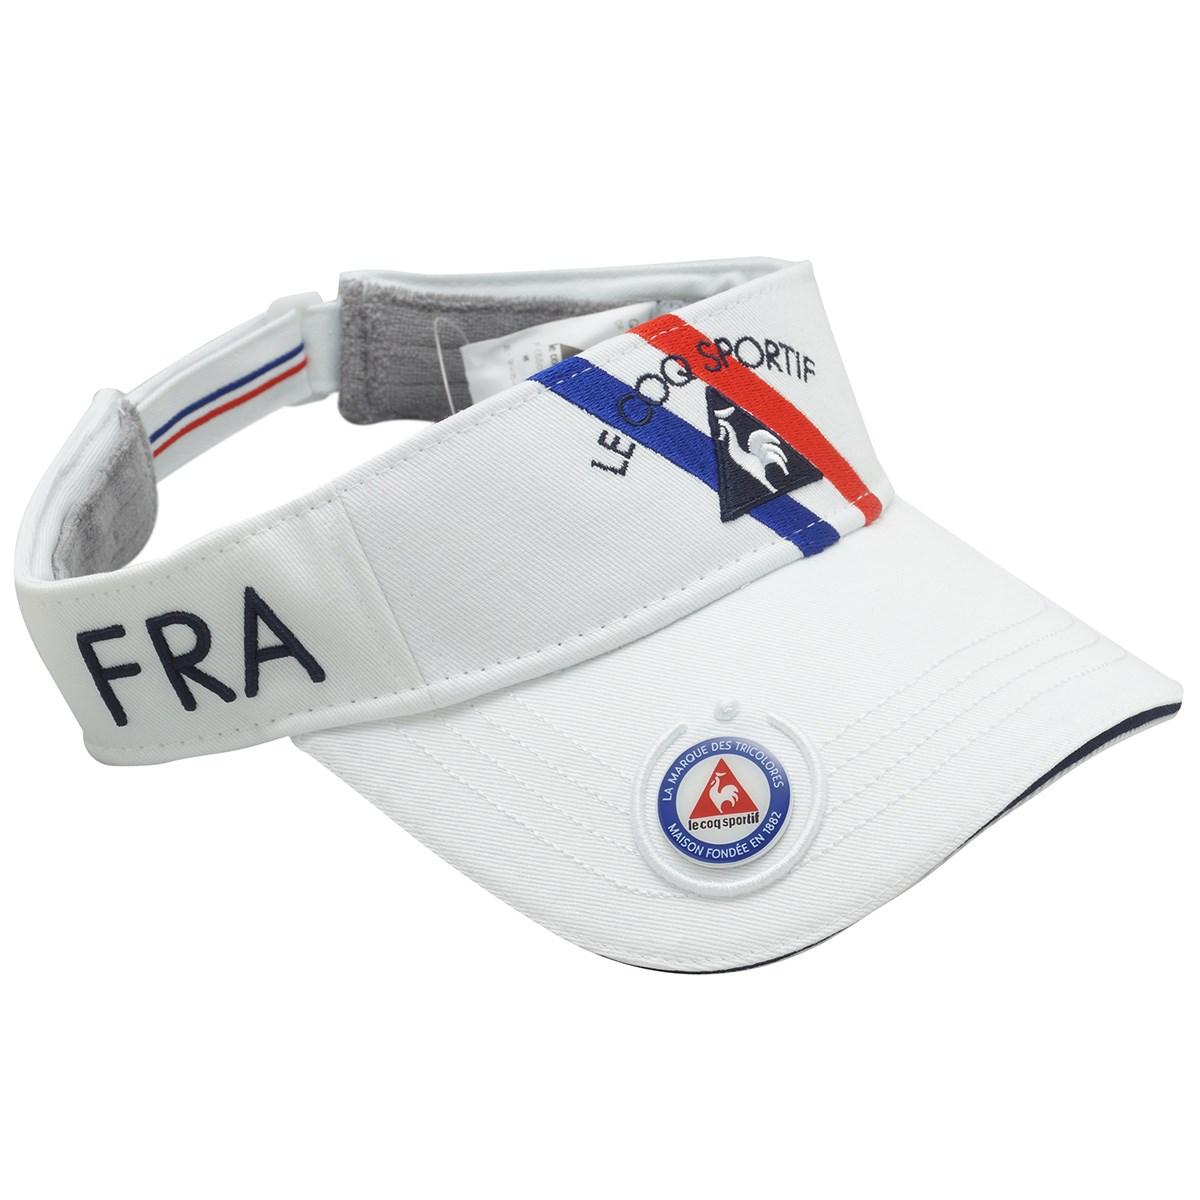 ルコックゴルフ Le coq sportif GOLF コットンツイルマーカー付きサンバイザー フリー ホワイト 00 レディス